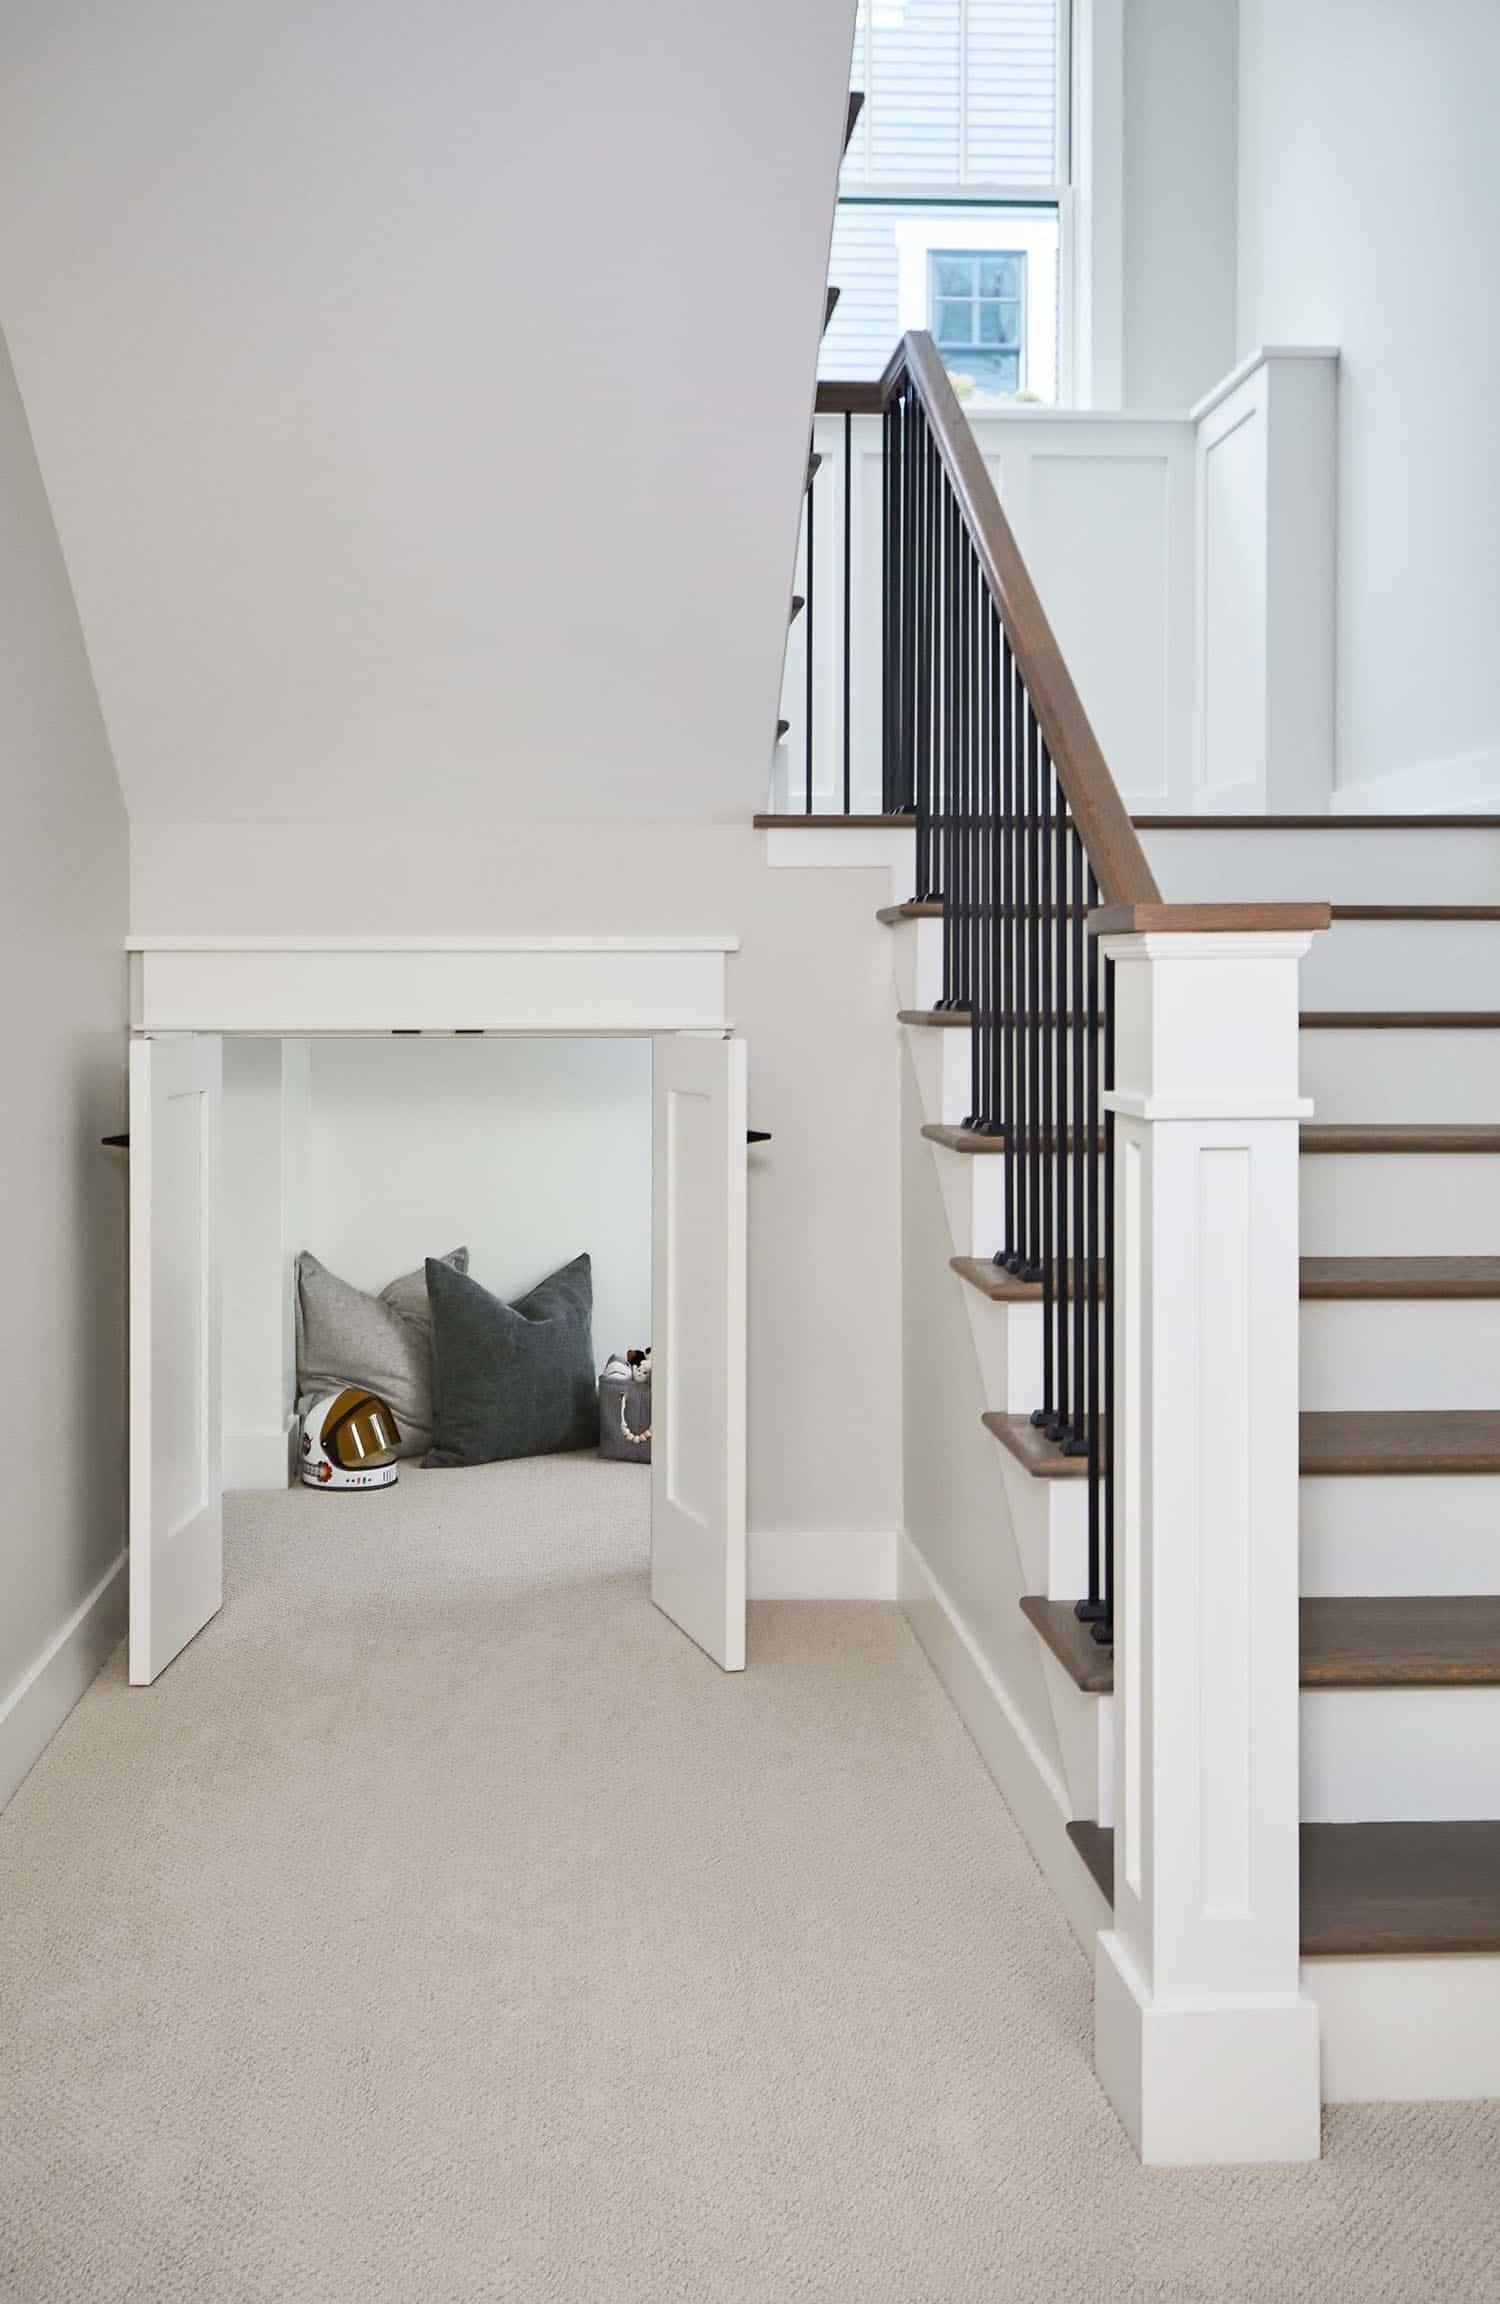 farmhouse-staircase-kids-nook